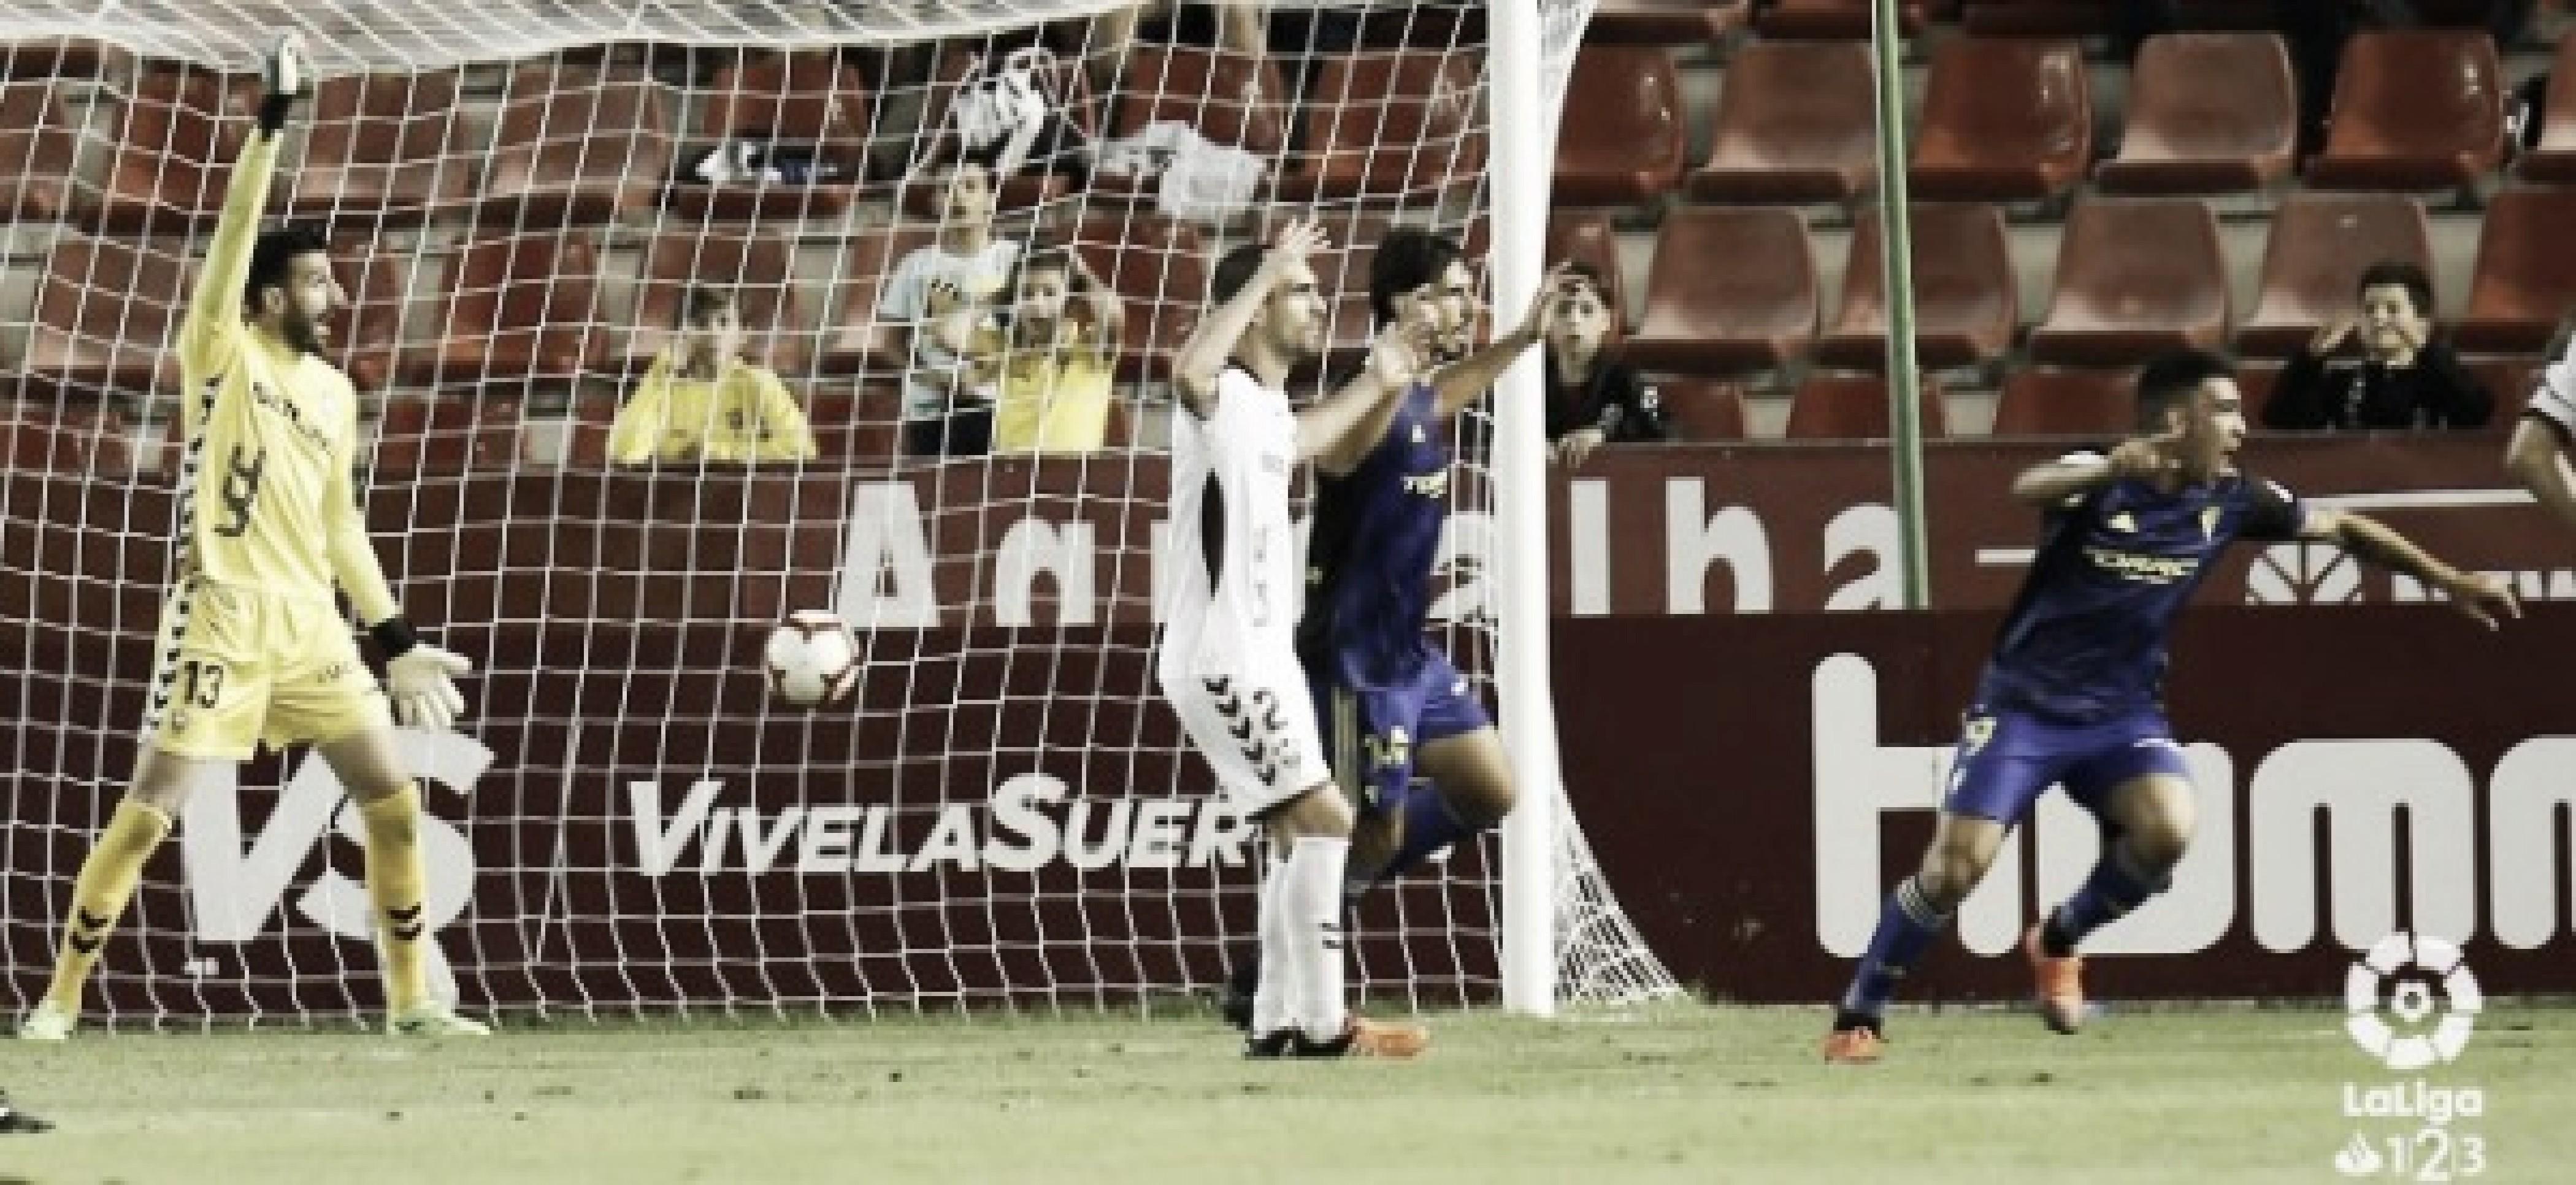 Albacete - Cádiz: puntuaciones del Cádiz, jornada 5 de Segunda División